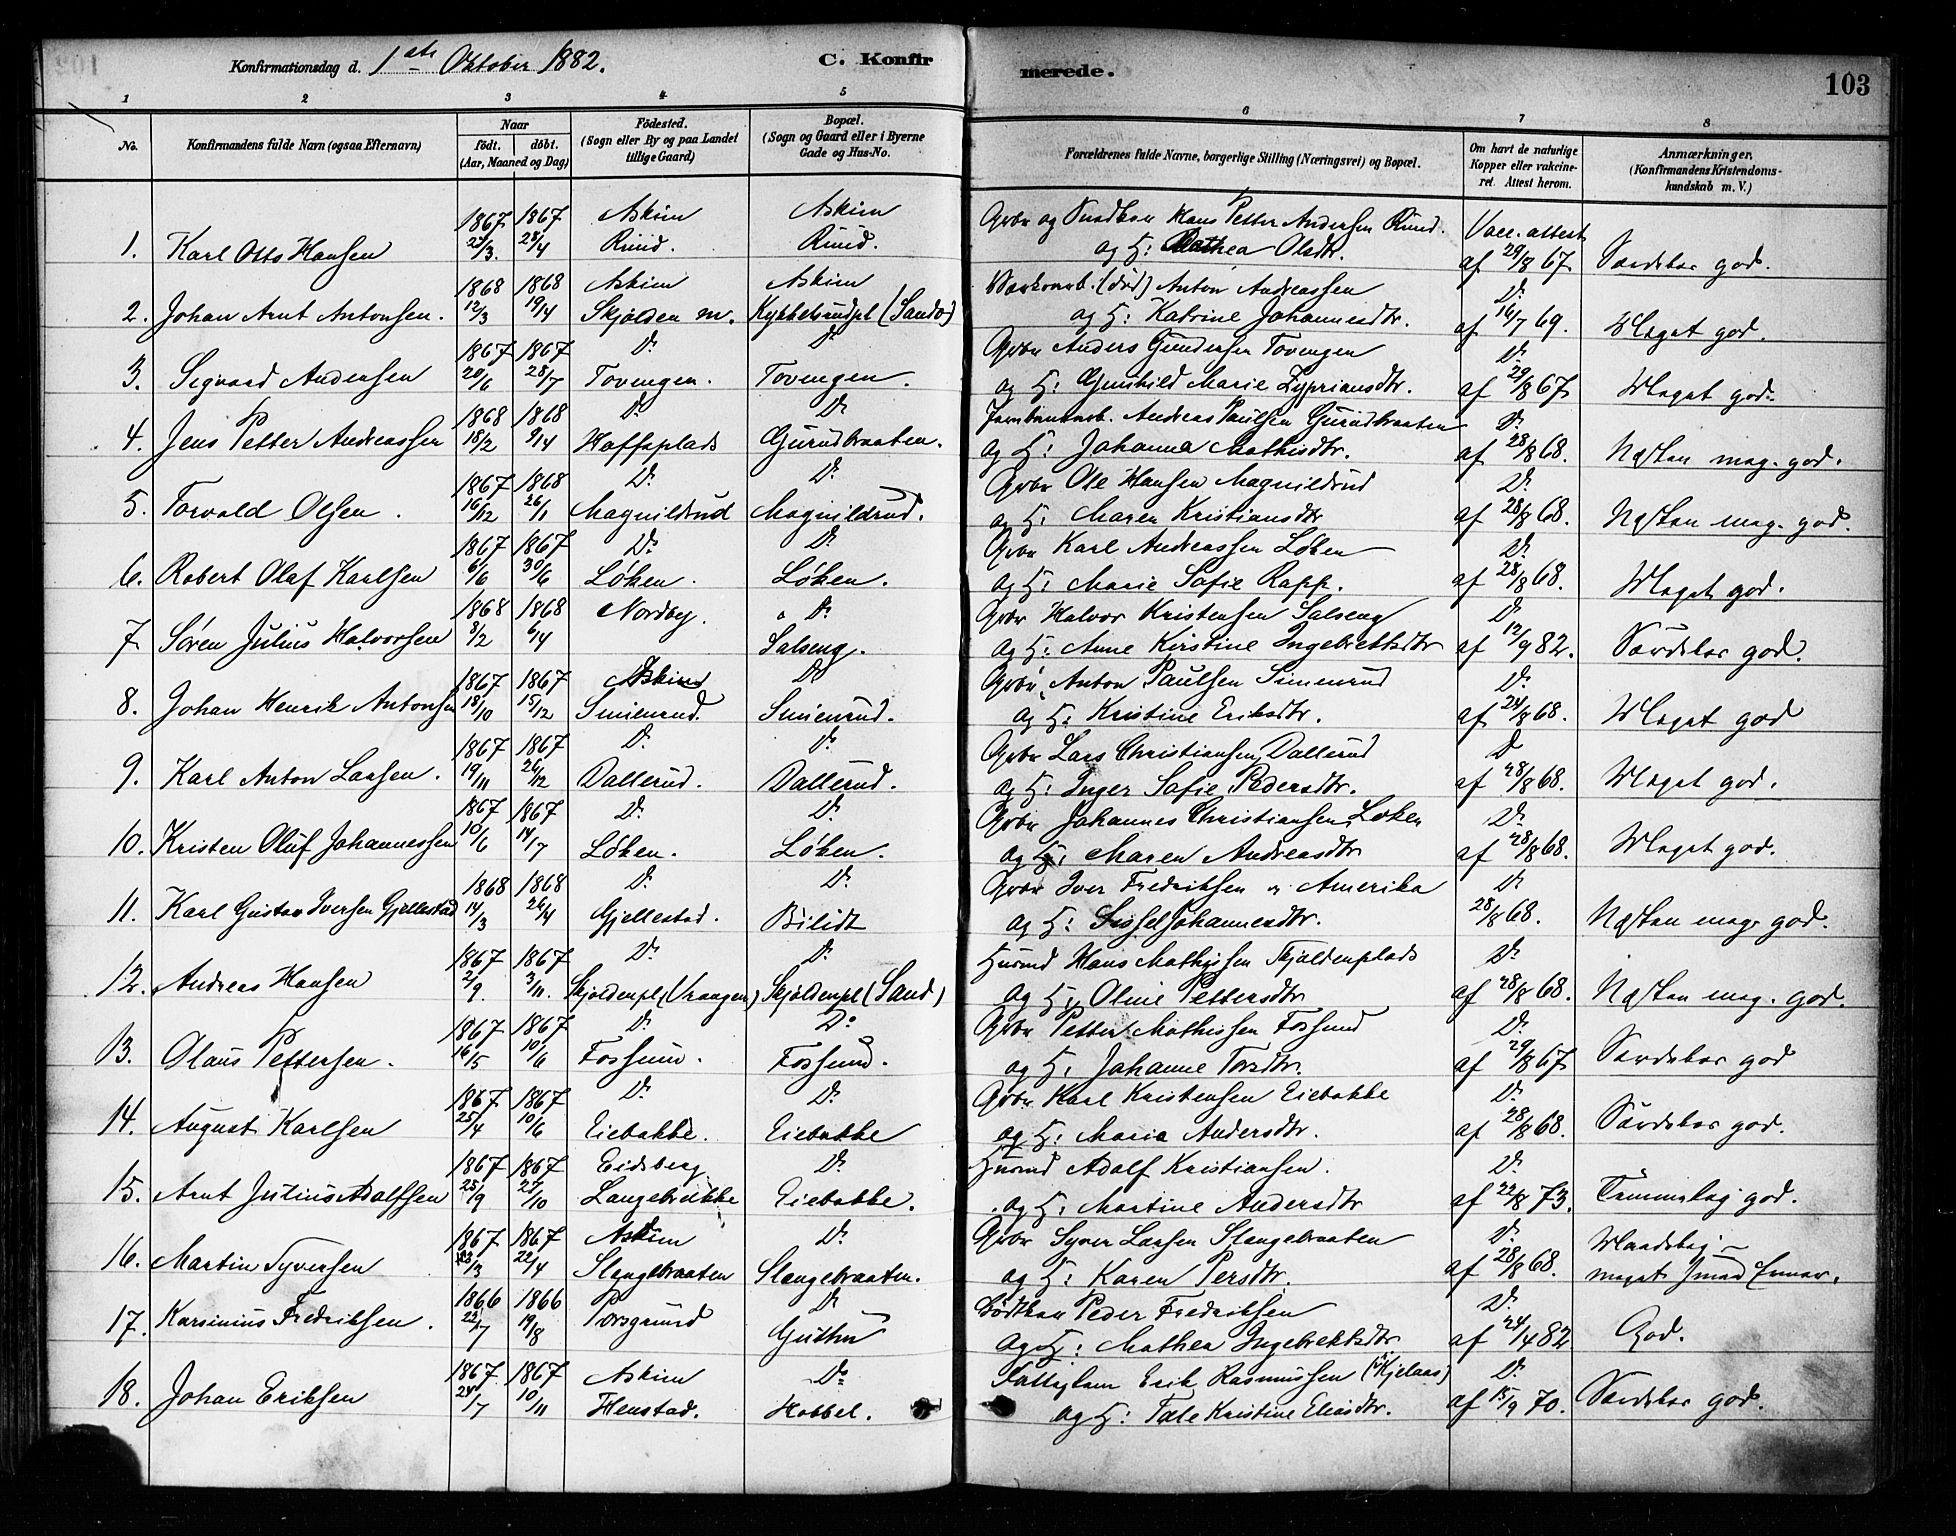 SAO, Askim prestekontor Kirkebøker, F/Fa/L0007: Ministerialbok nr. 7, 1882-1897, s. 103